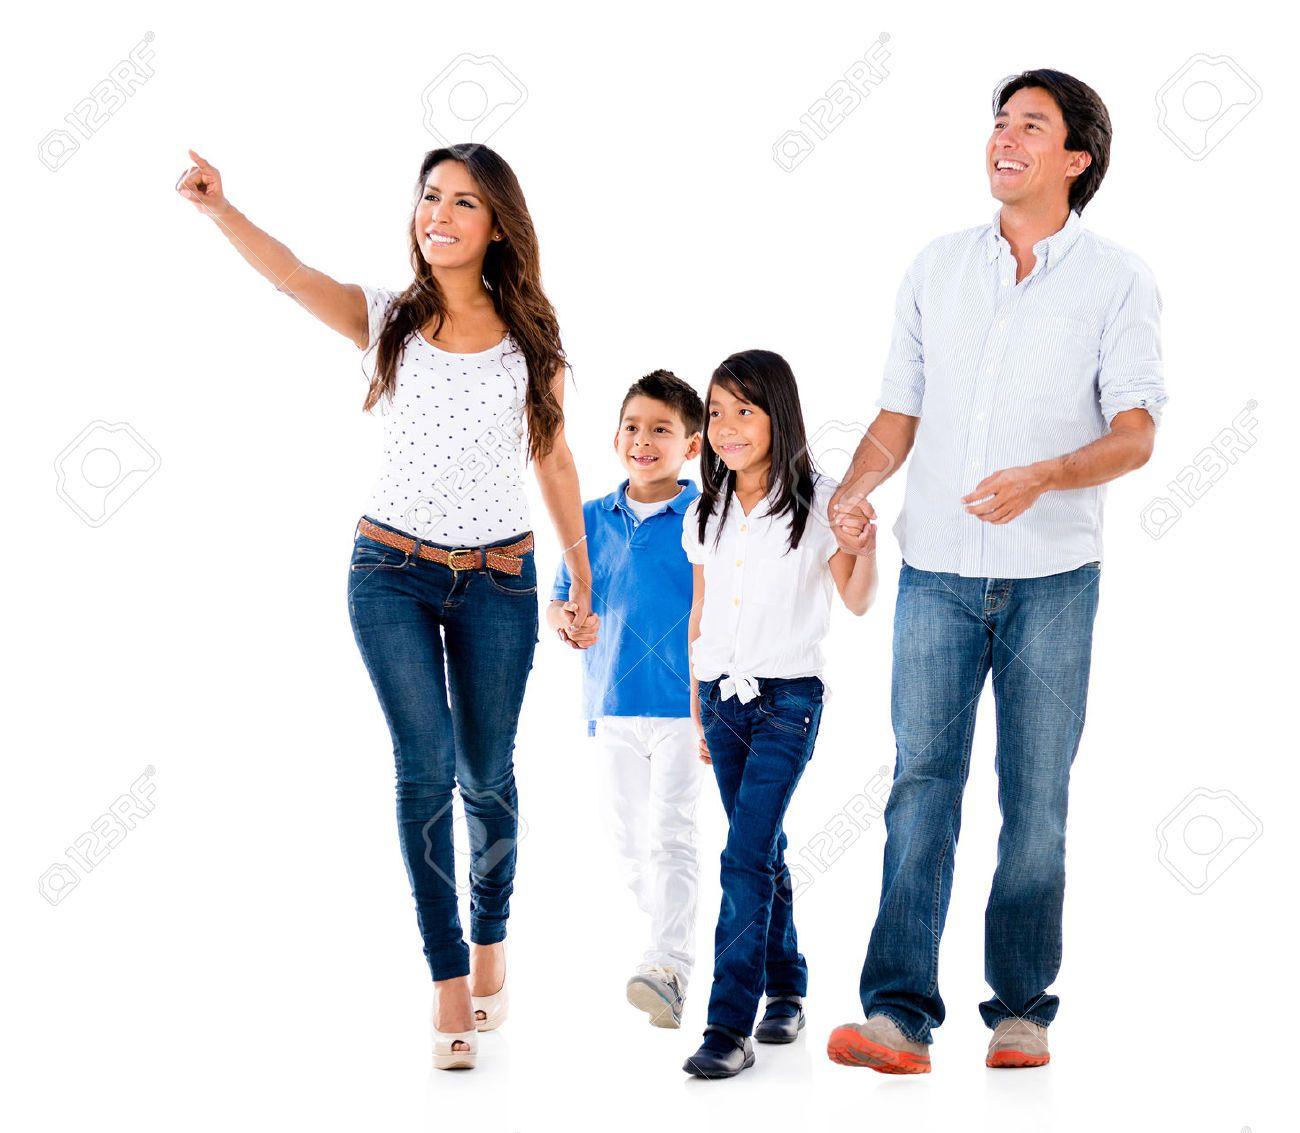 familias cuerpo entero - Buscar con Google | photoshop ...